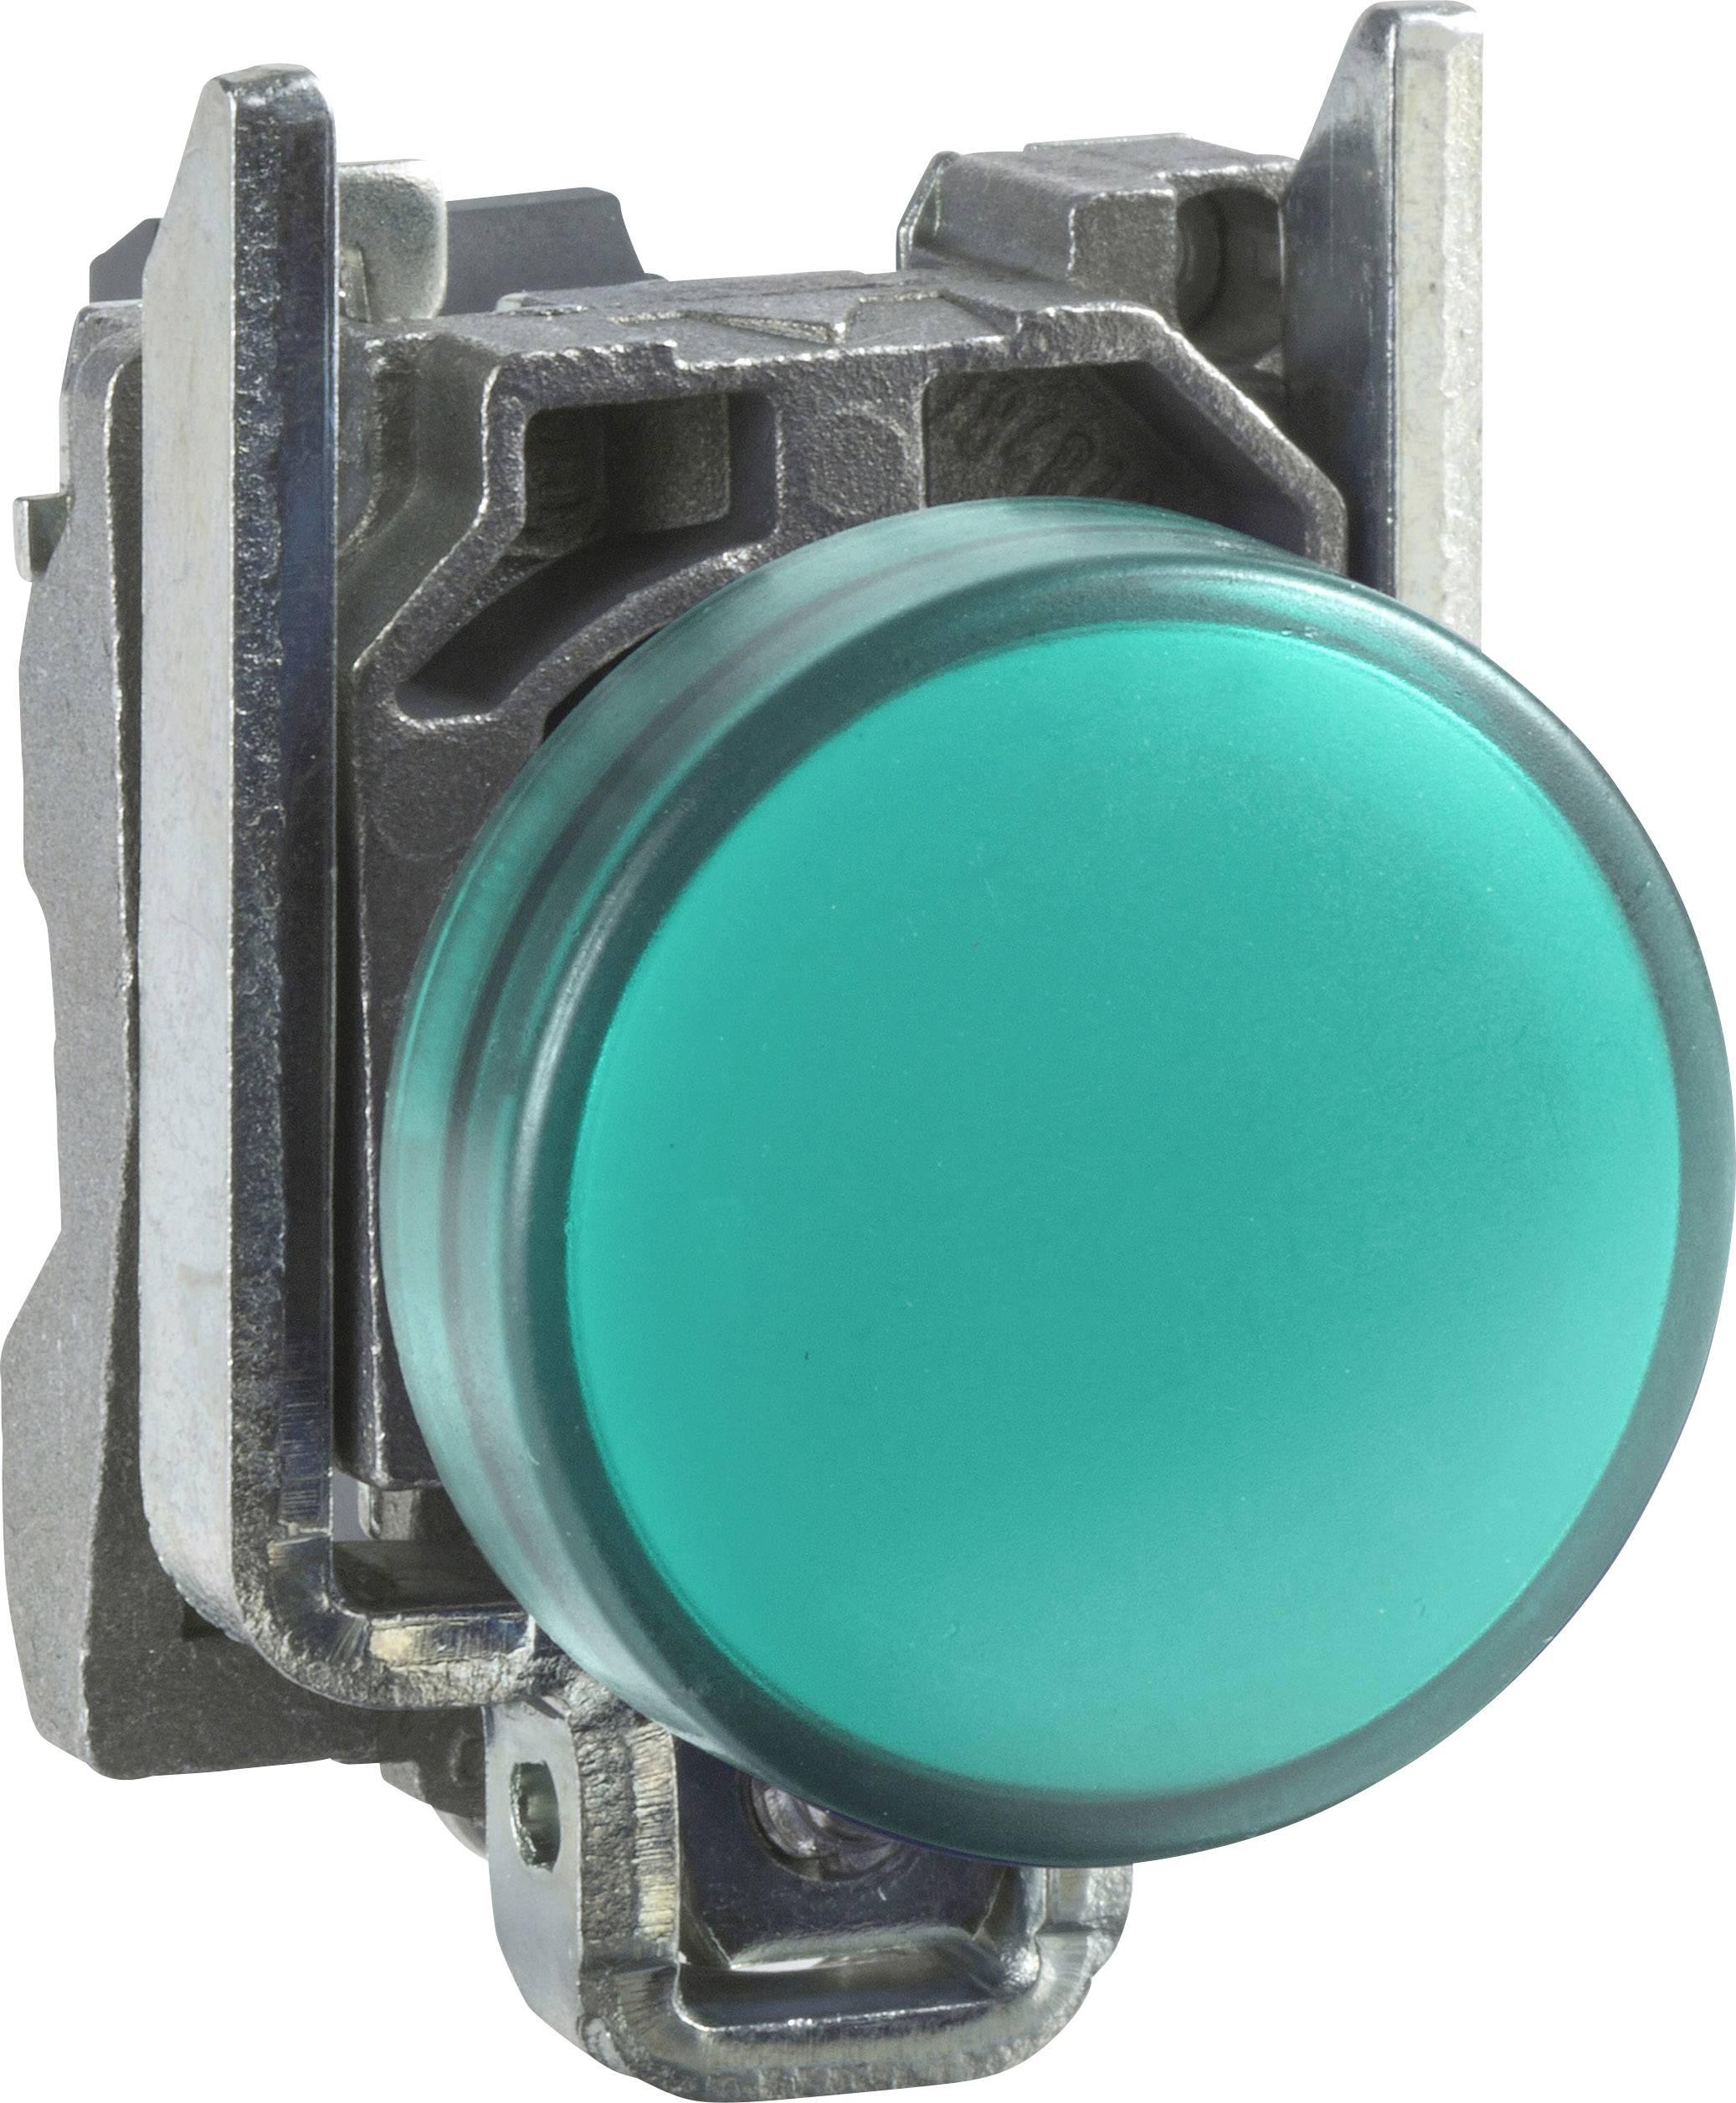 Signalizačné svetlá Schneider Electric XB4BVB3, 24 V/DC, 24 V/AC, zelená, 1 ks